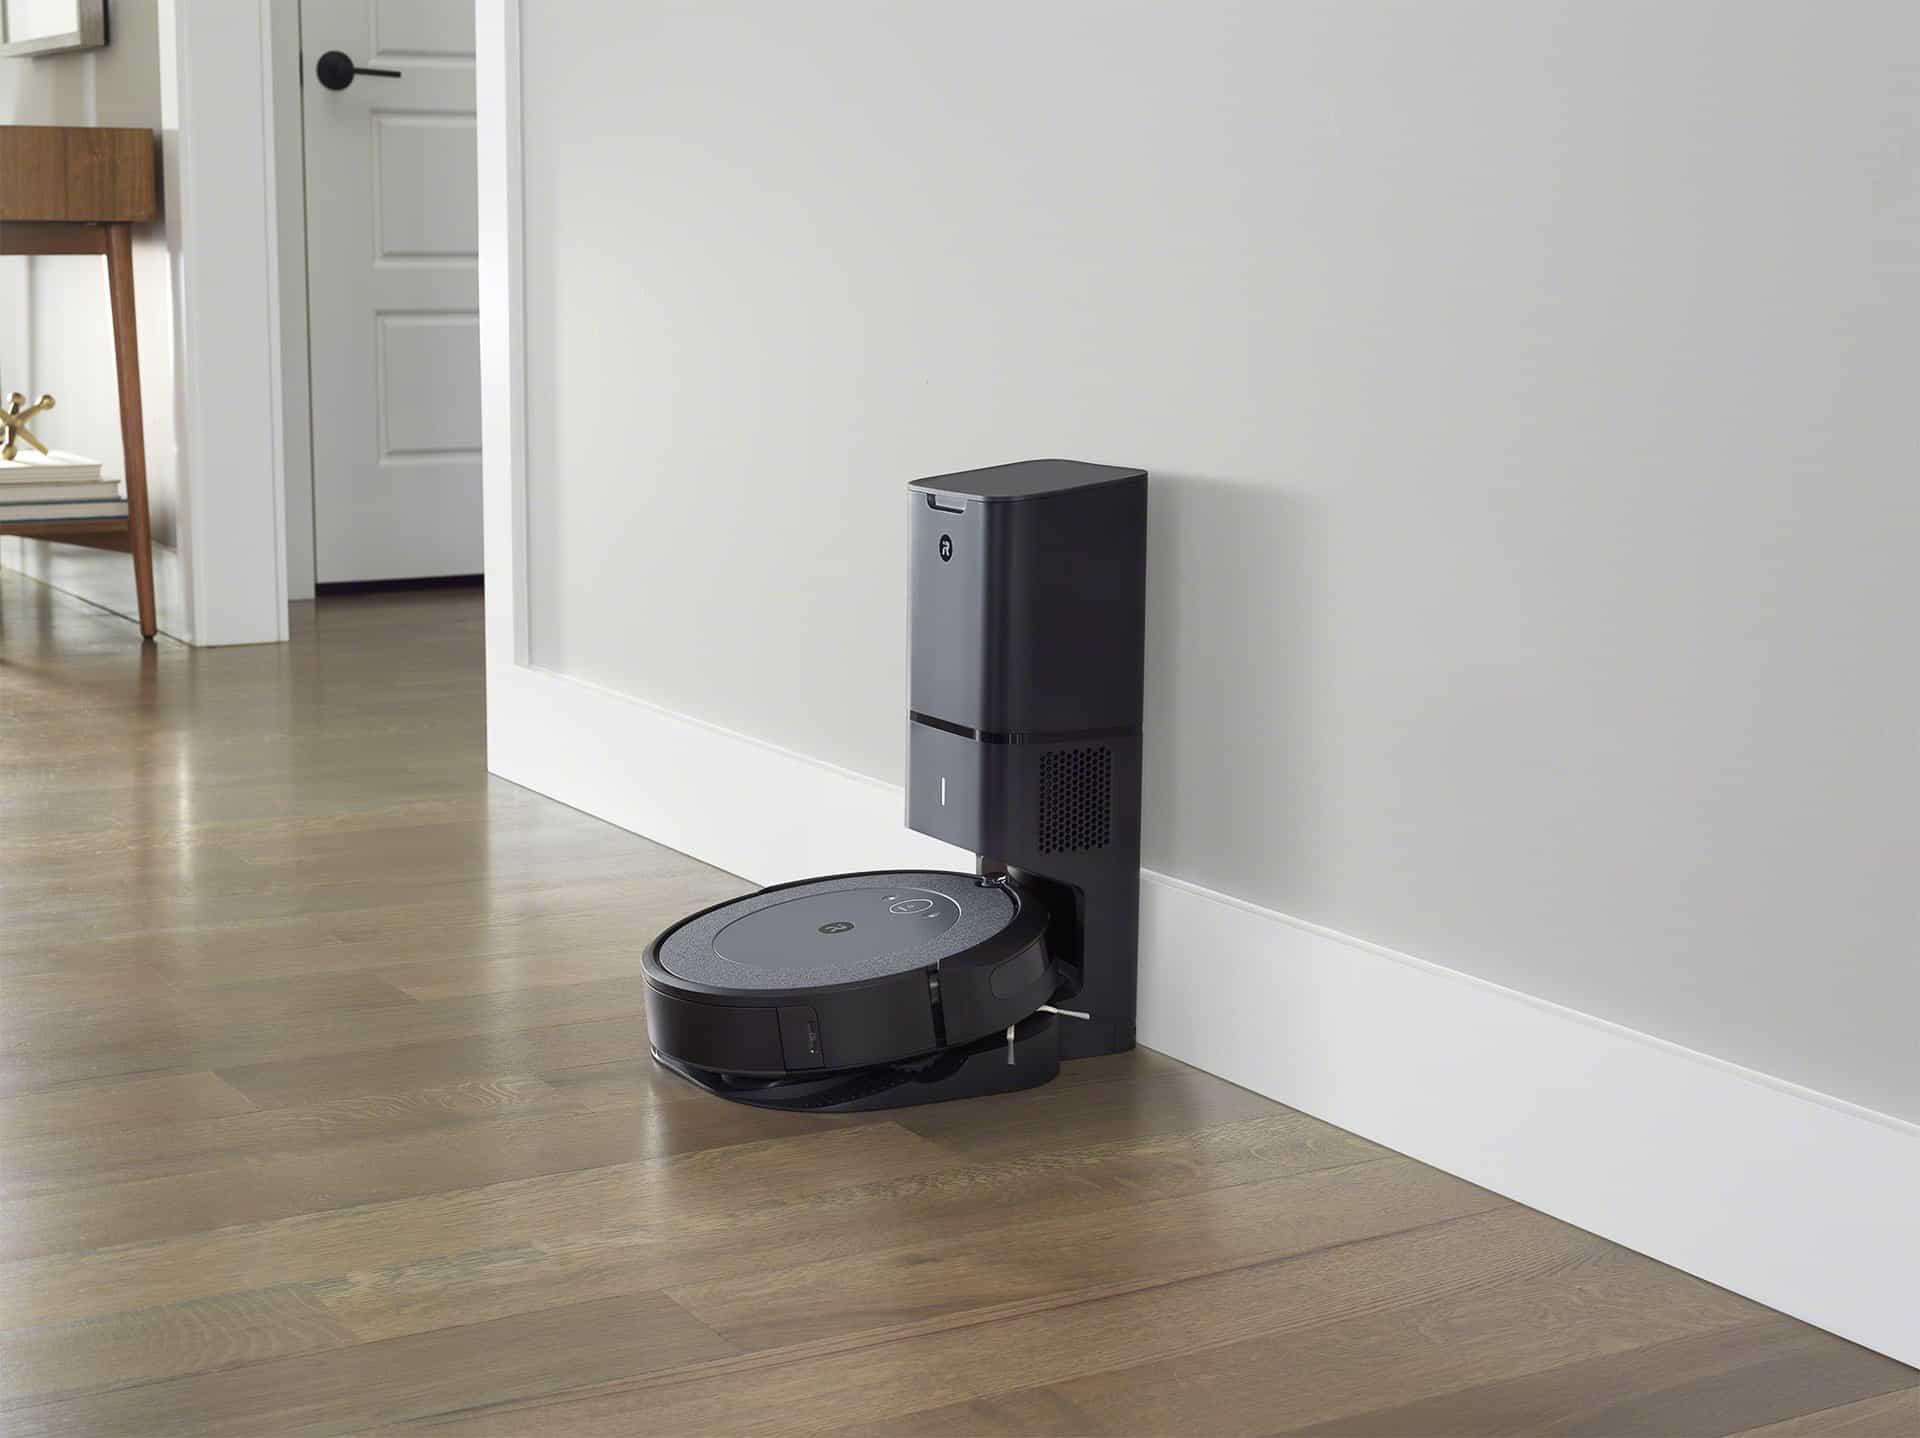 Best iRobot Roomba Robot Vacuum Deals